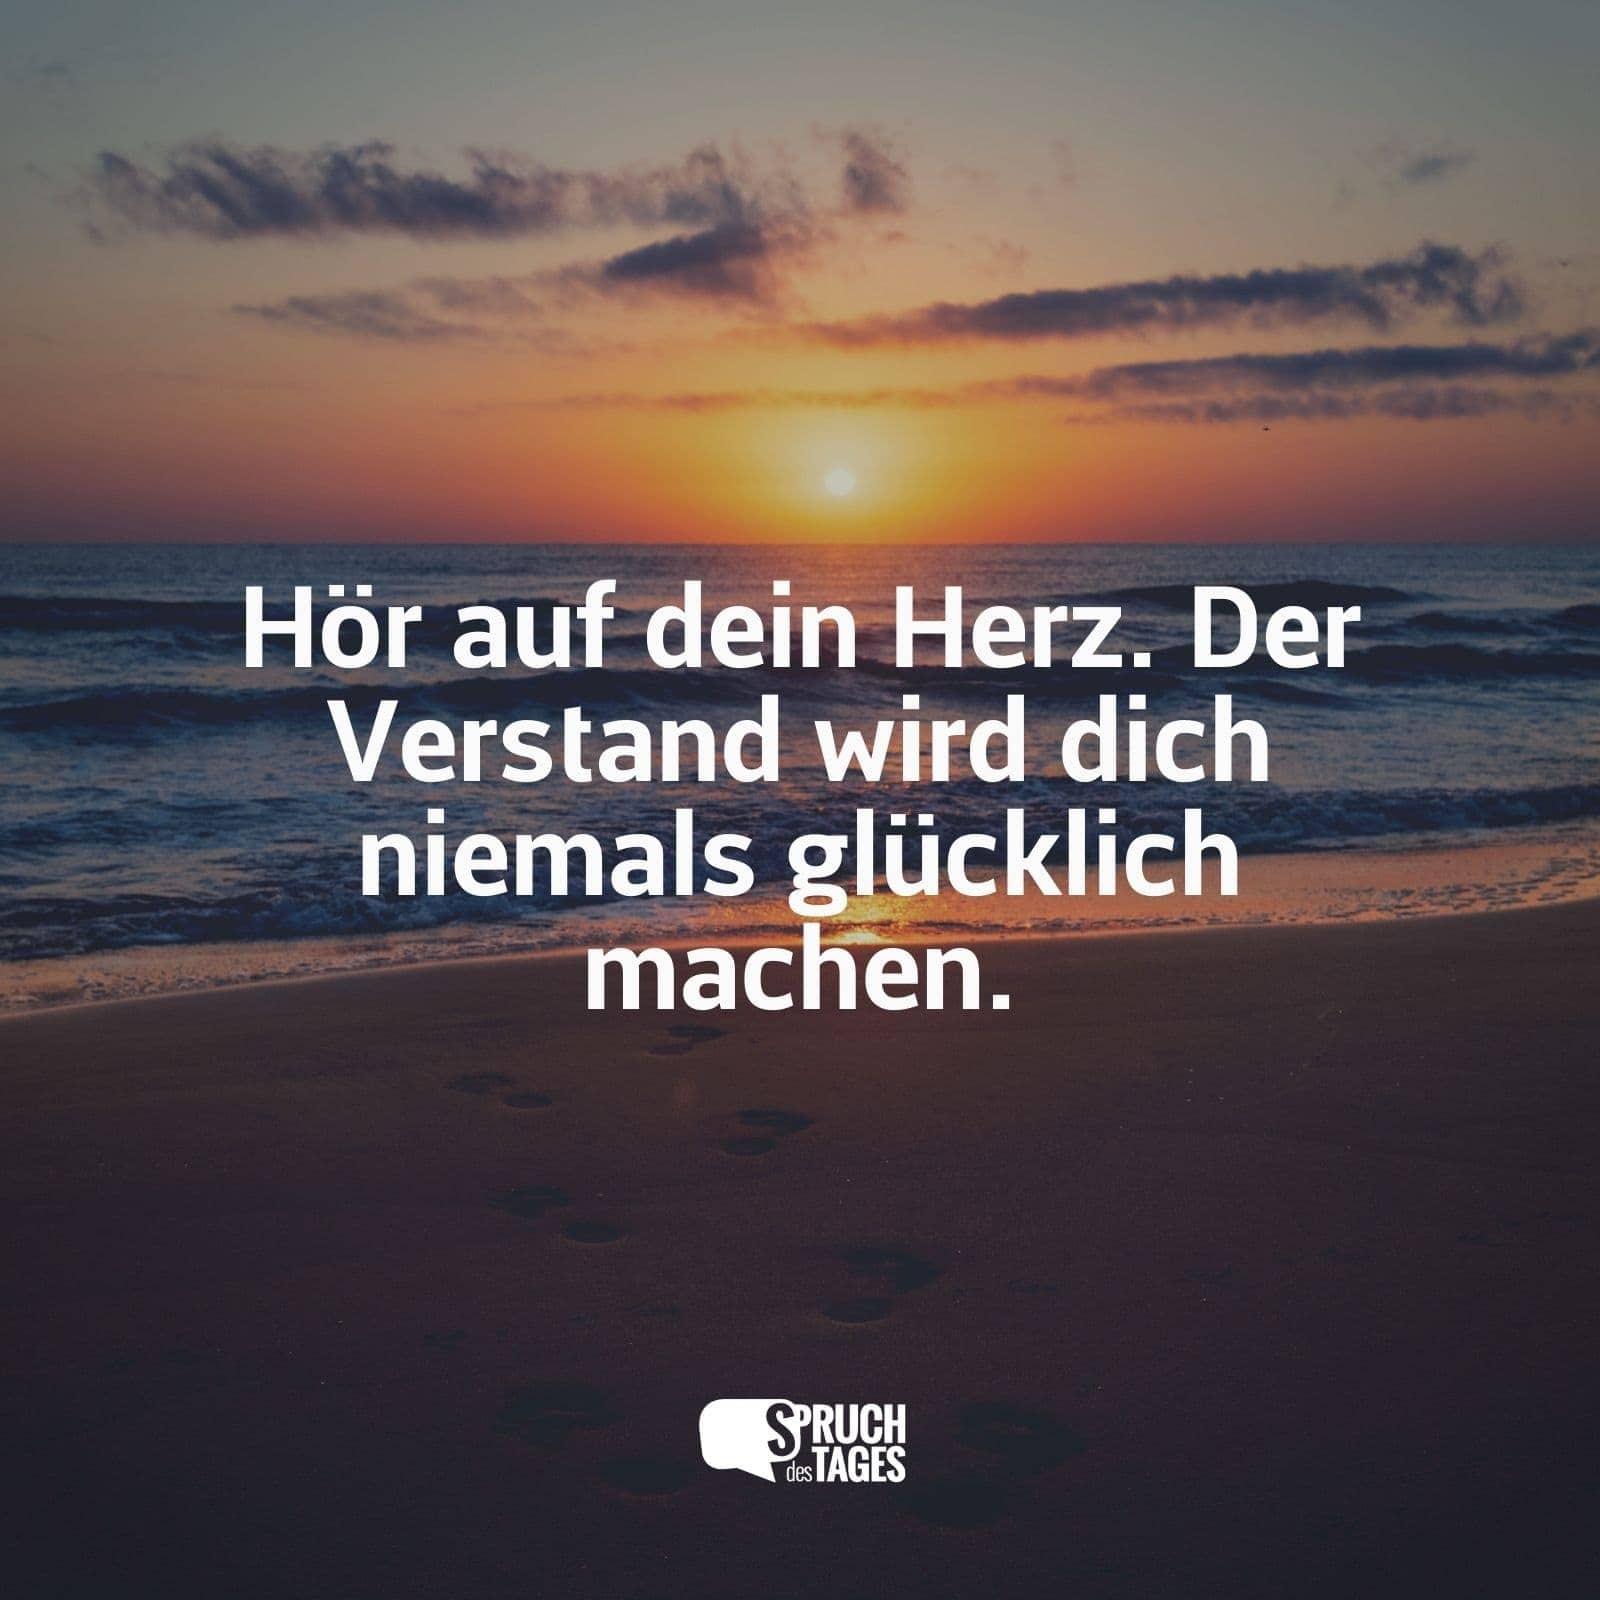 Merveilleux Der Verstand Wird Dich Niemals Glücklich Machen.